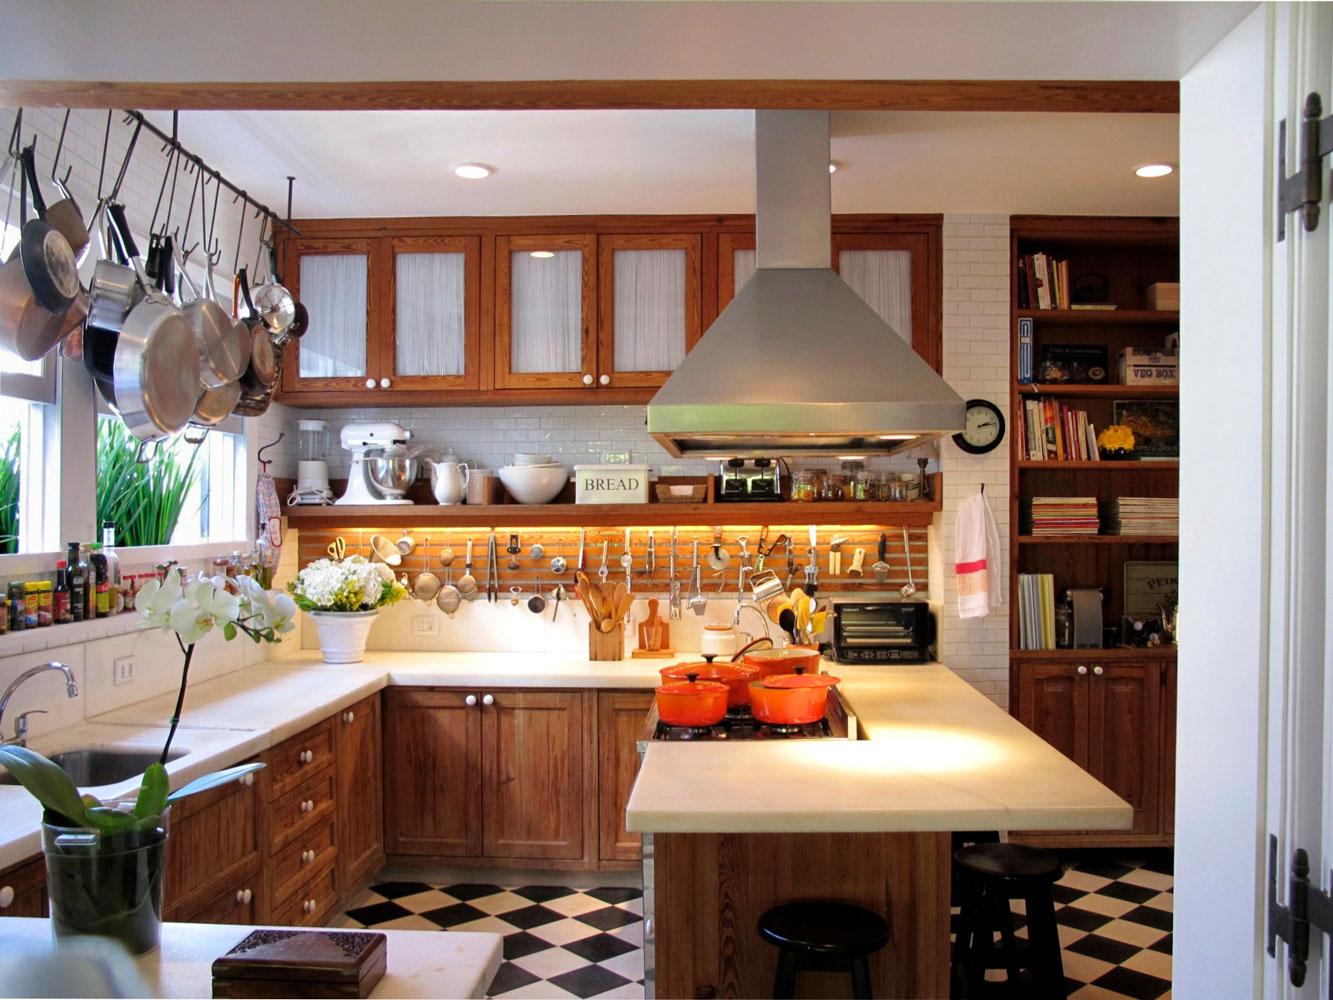 Cozinha com cara de fazenda aqui a atriz reina e demonstra os seus  #A56026 1333 1000